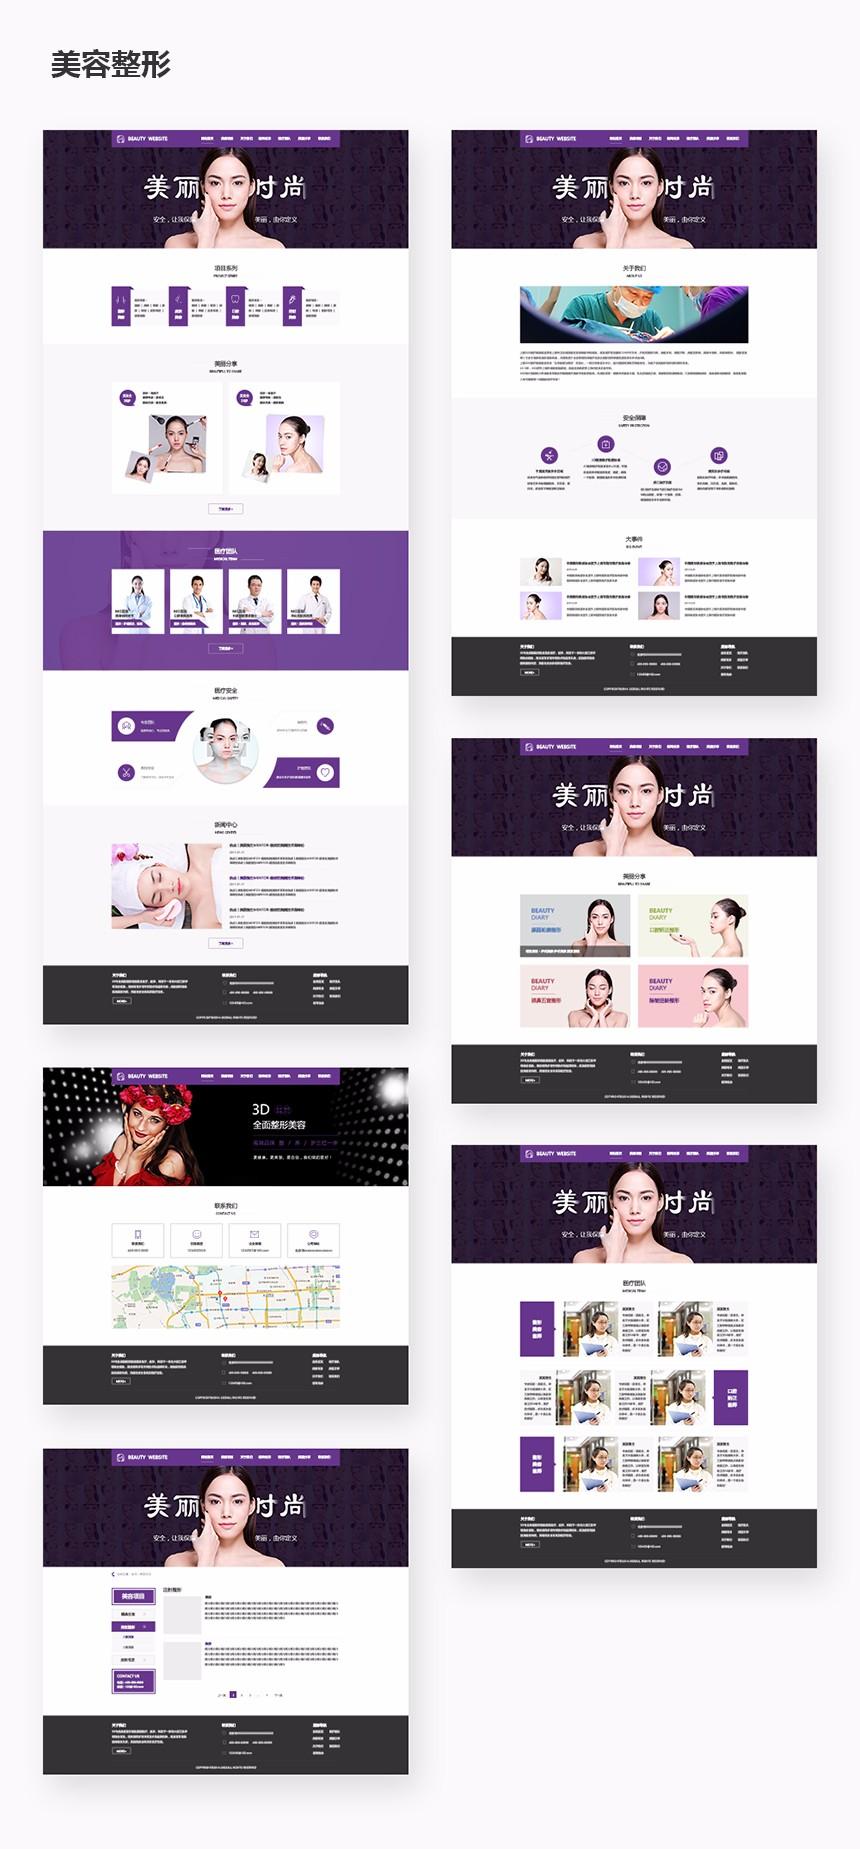 重庆美容整形公司美容行业网站建设.jpg